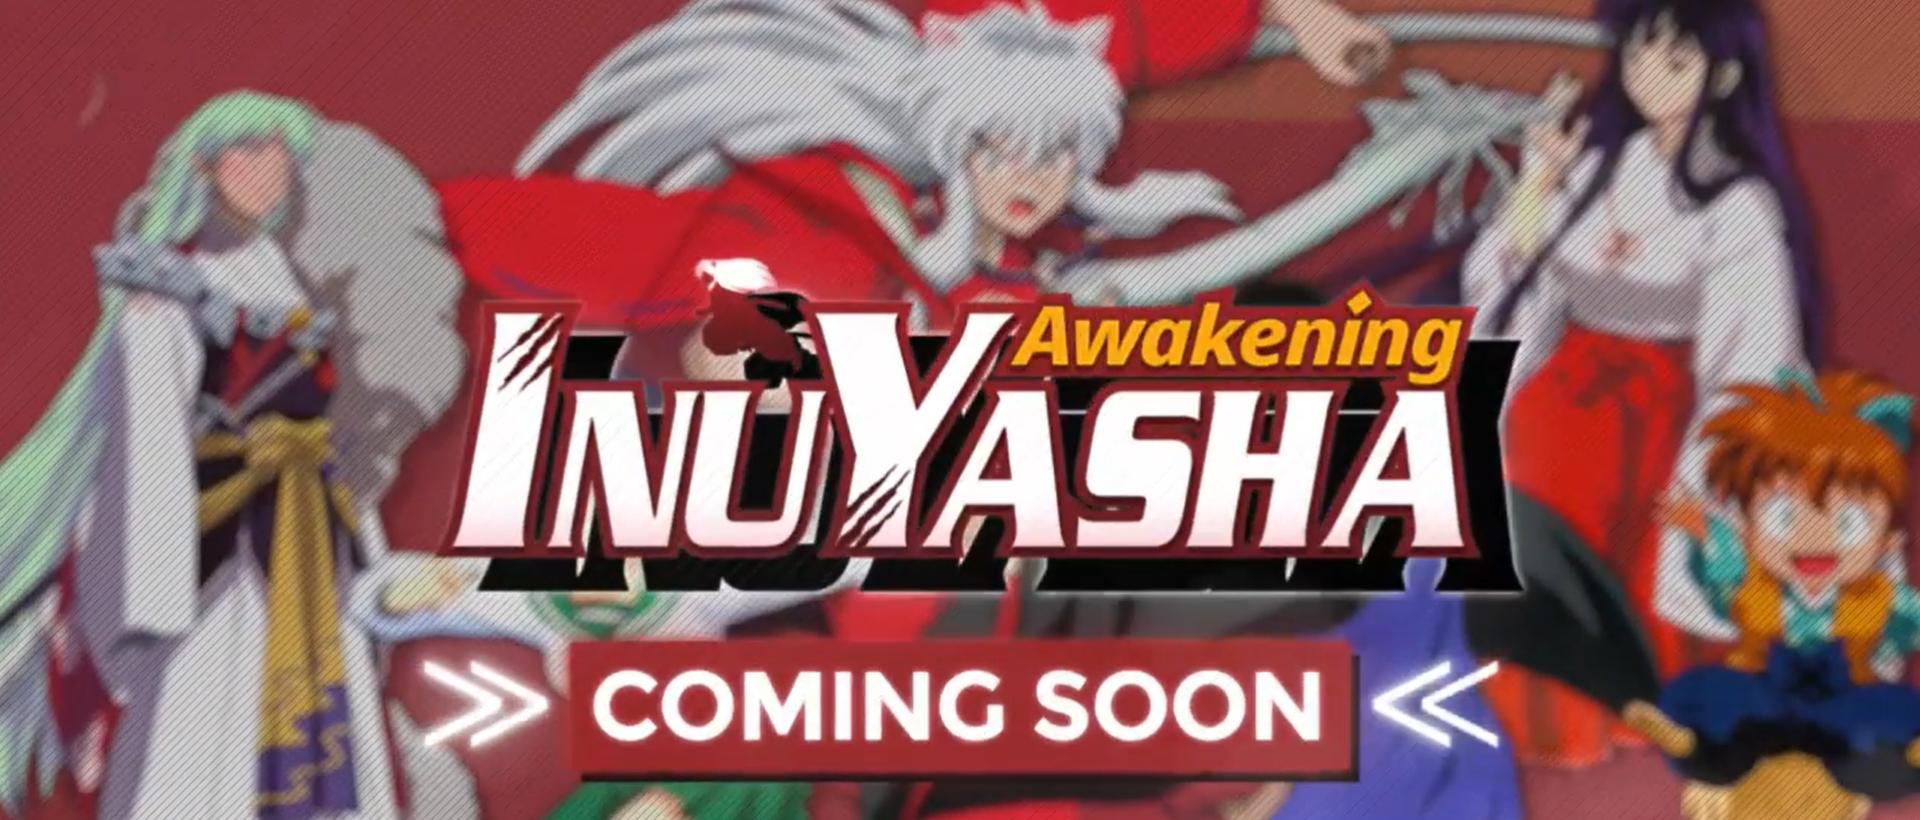 Inuyasha Awakening Indonesia